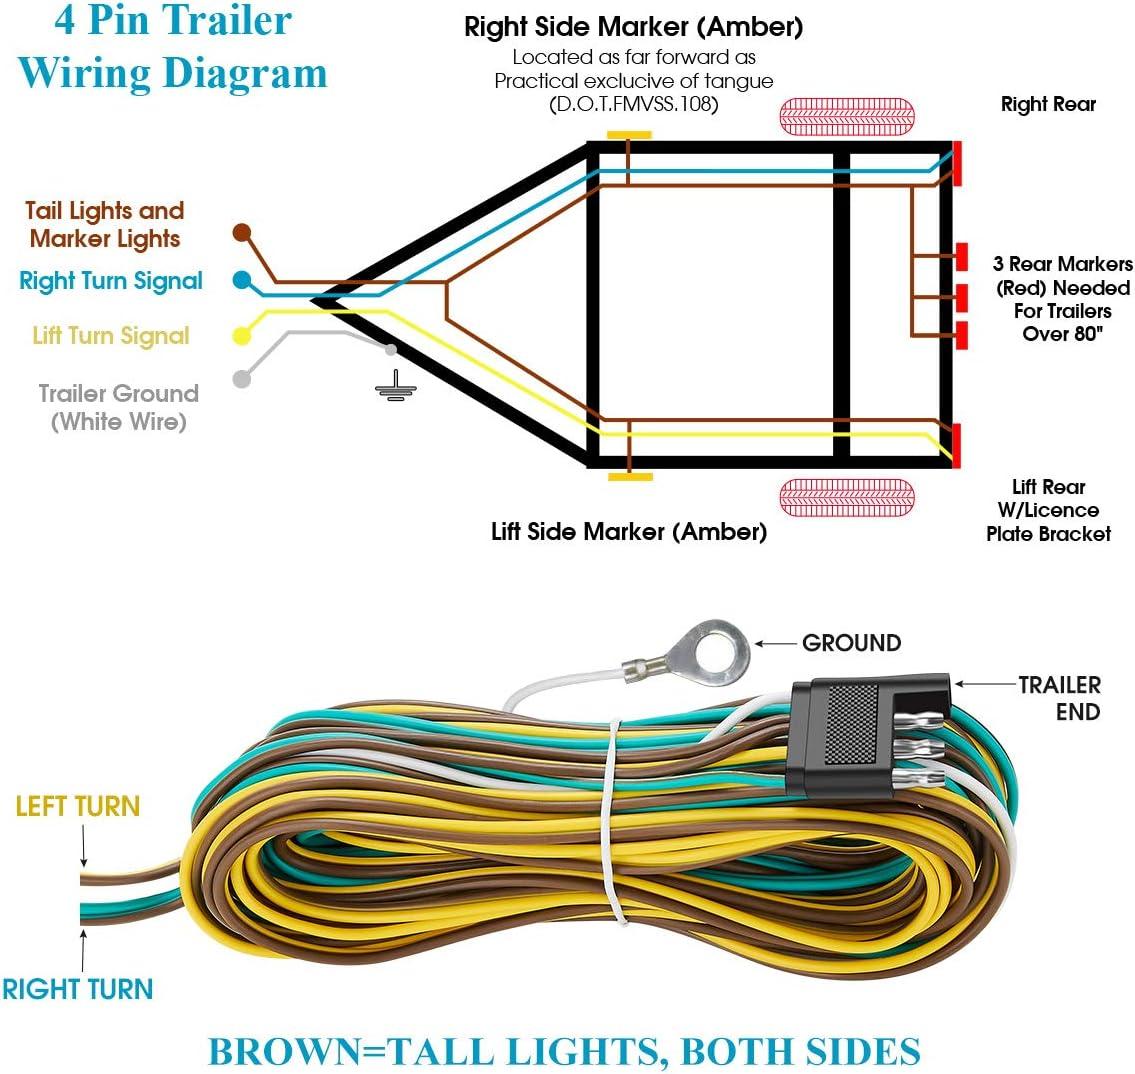 Trailer Light Wiring Diagram 4 Pin - Database